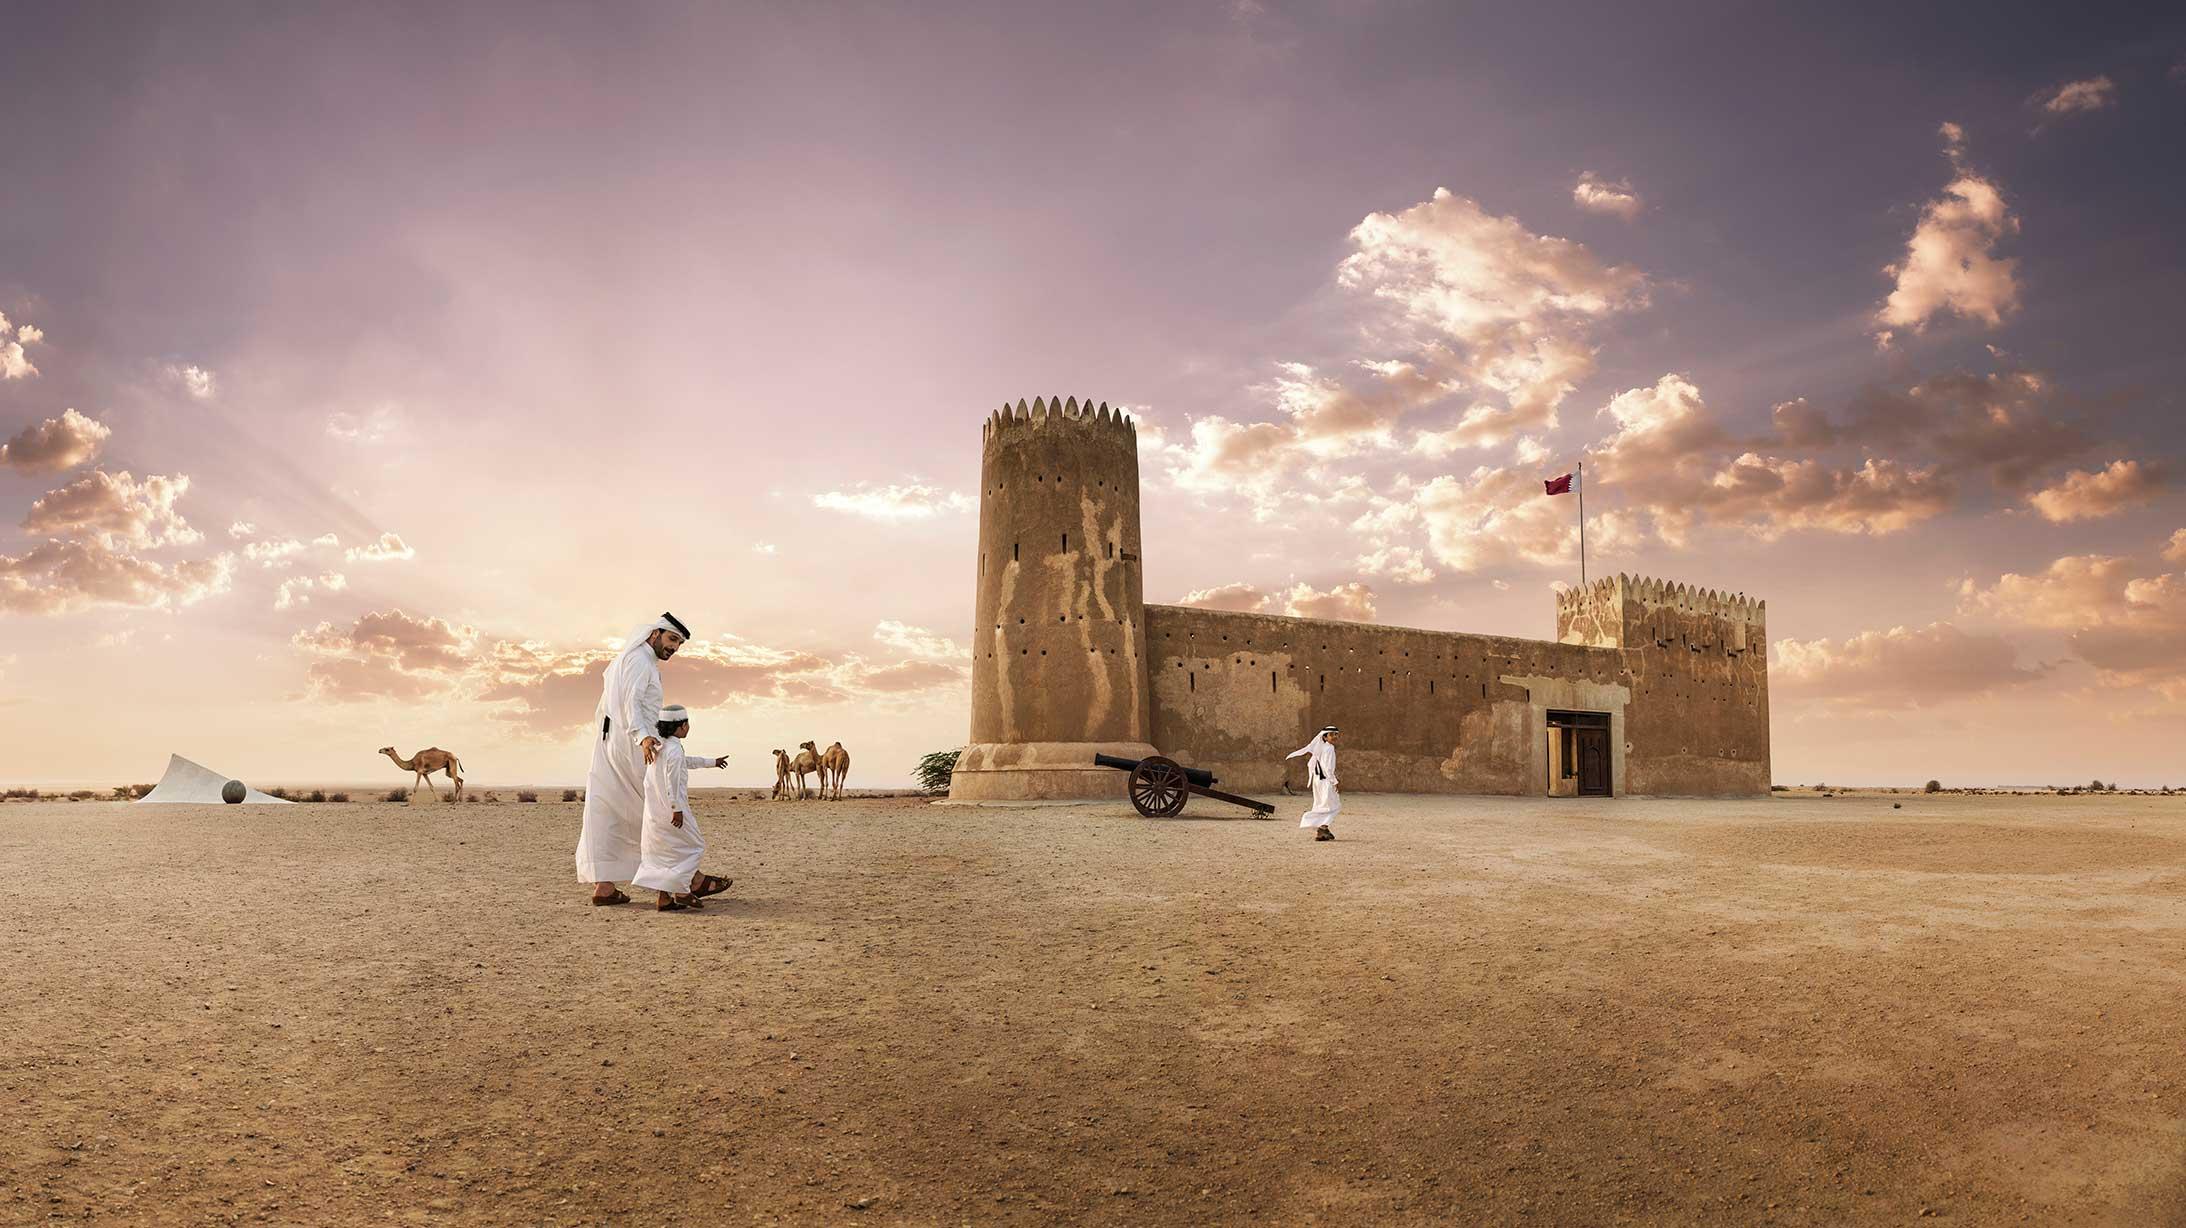 بالصور السياحة في قطر , اجمل المعالم السياحيه في قطر 5262 3